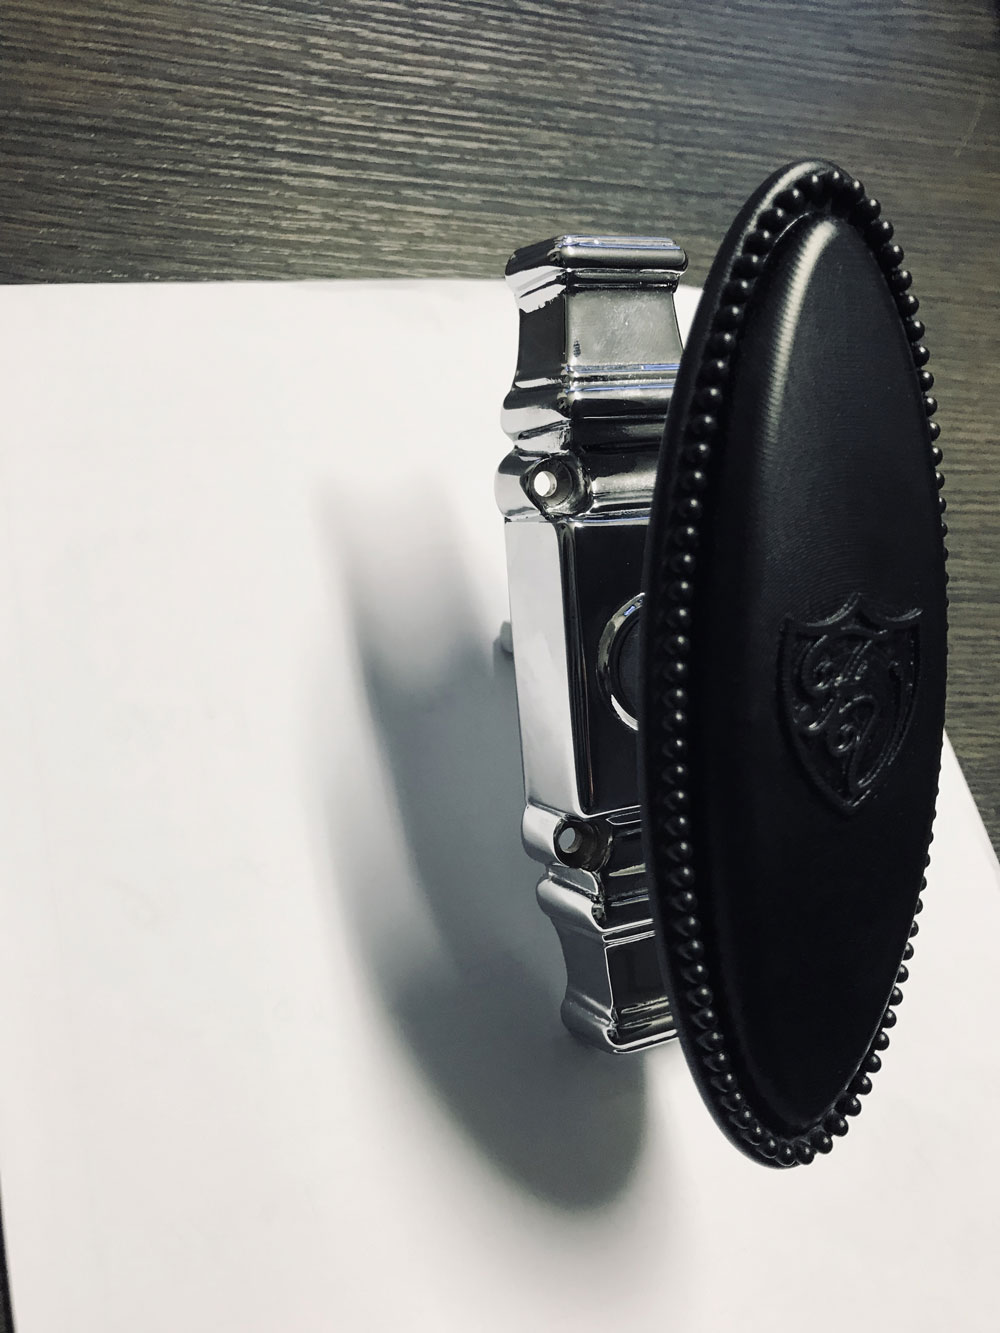 prototipo-maniglia-personalizzata-villa-bel-air